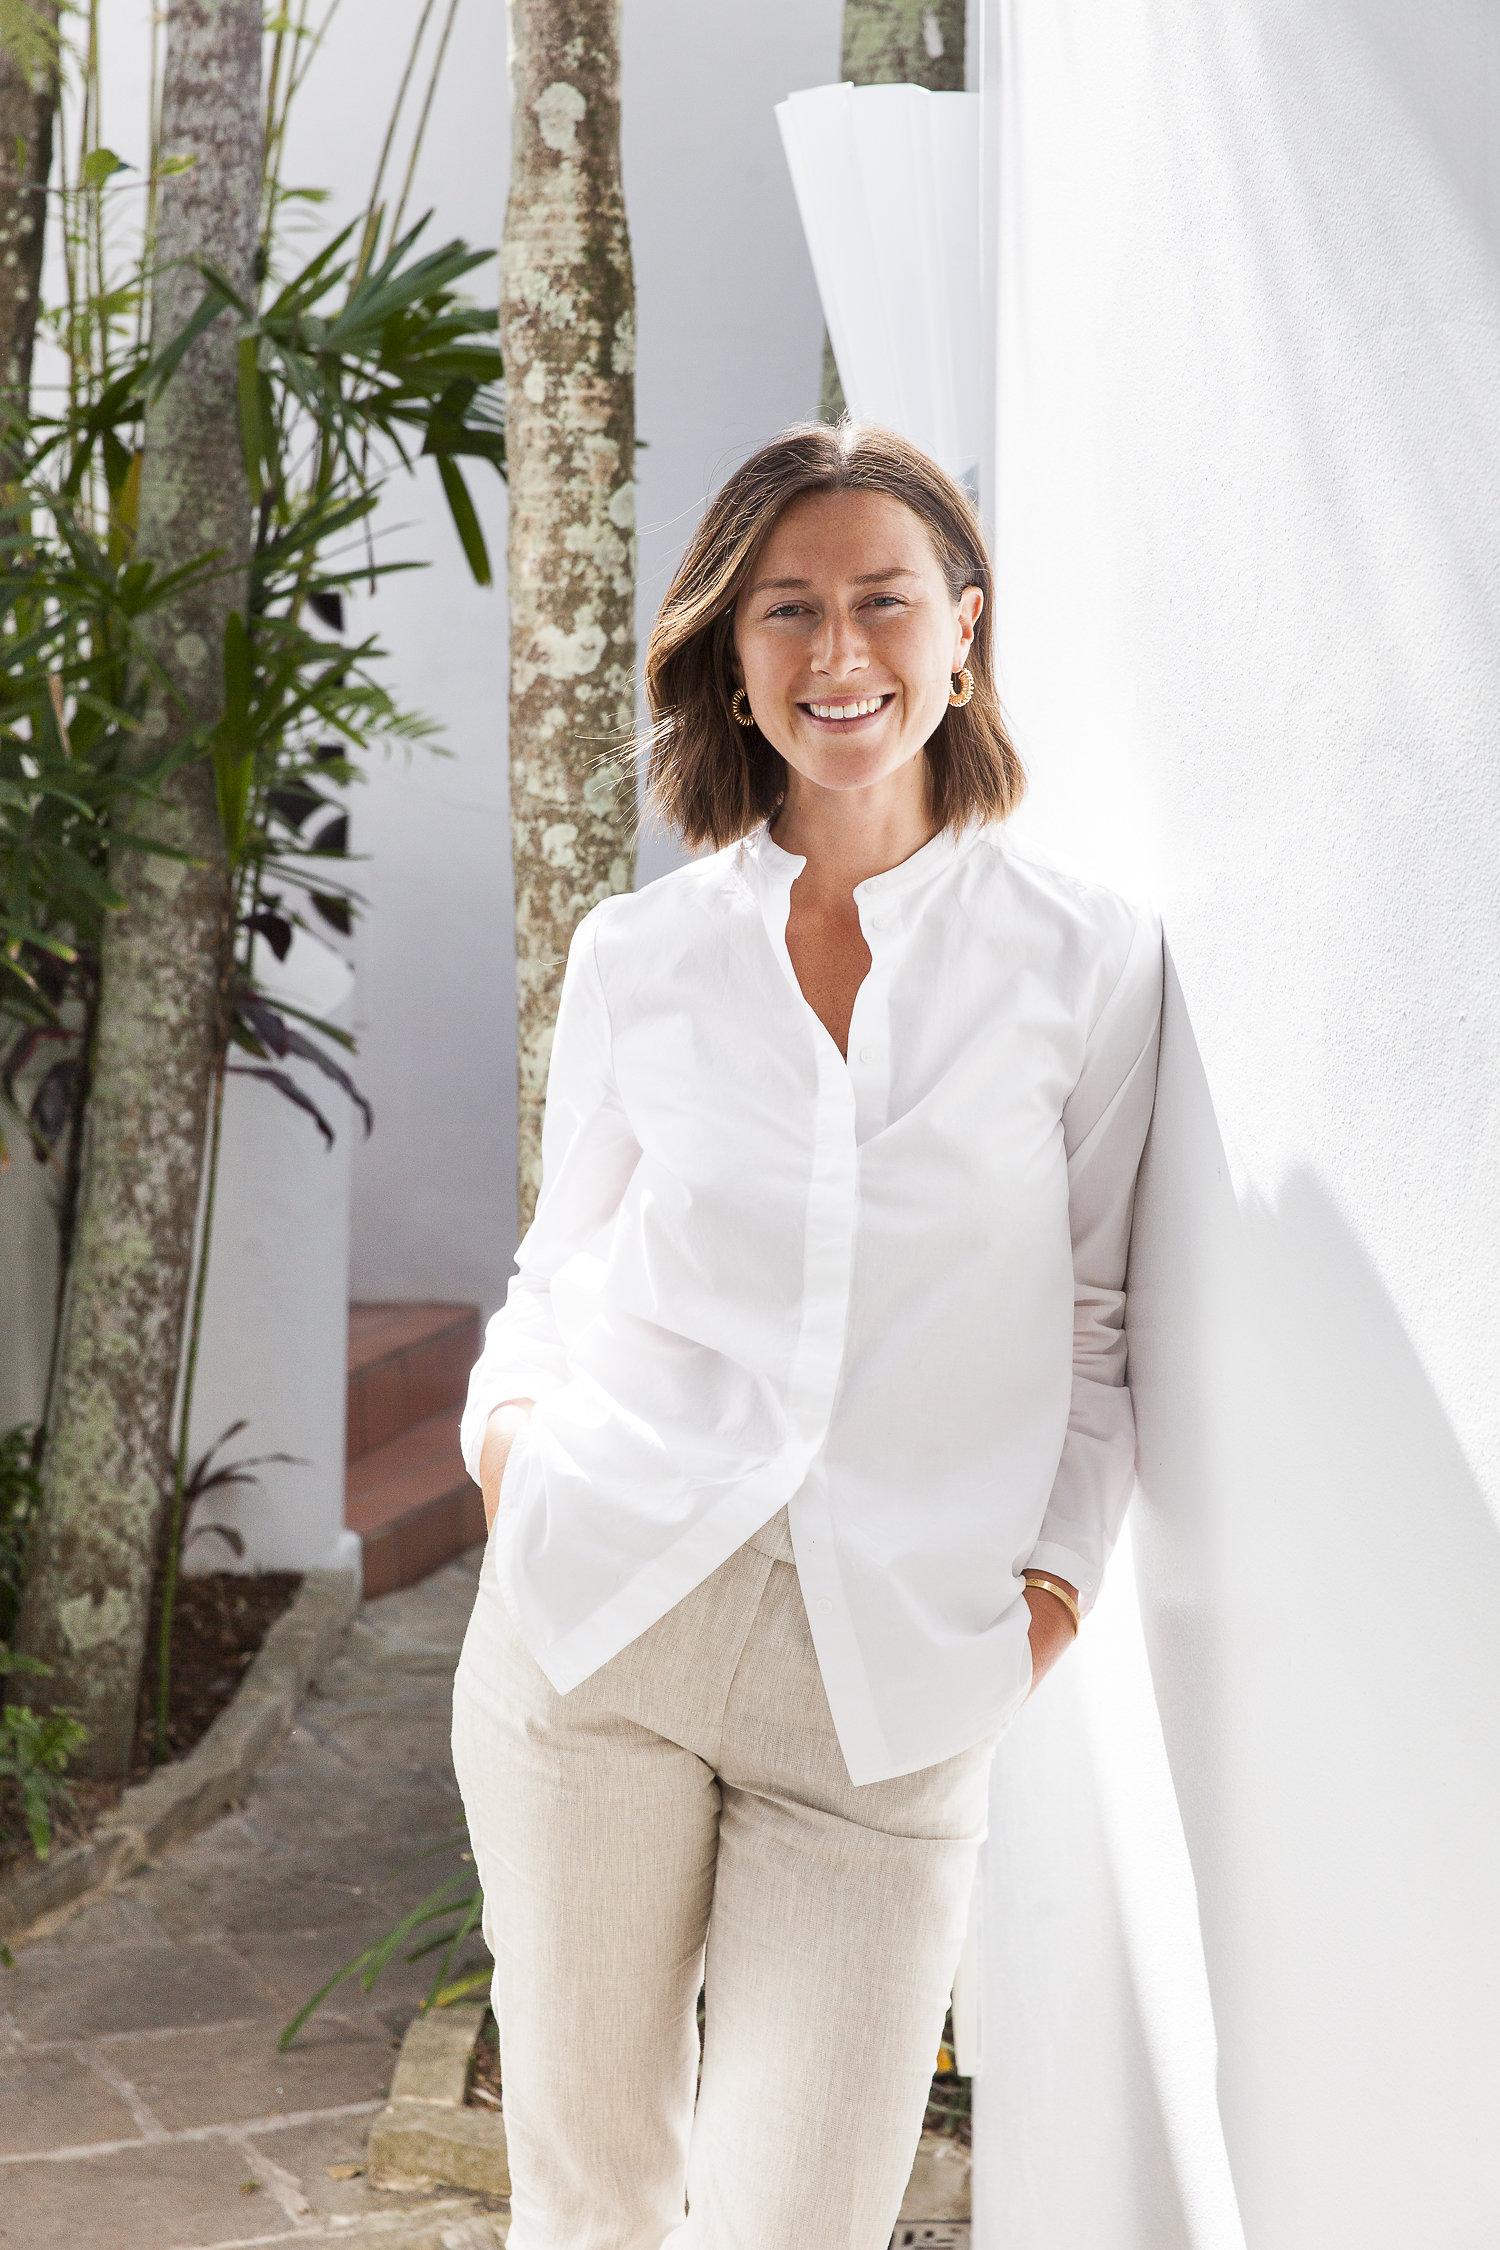 Rae's General Manager Francesca